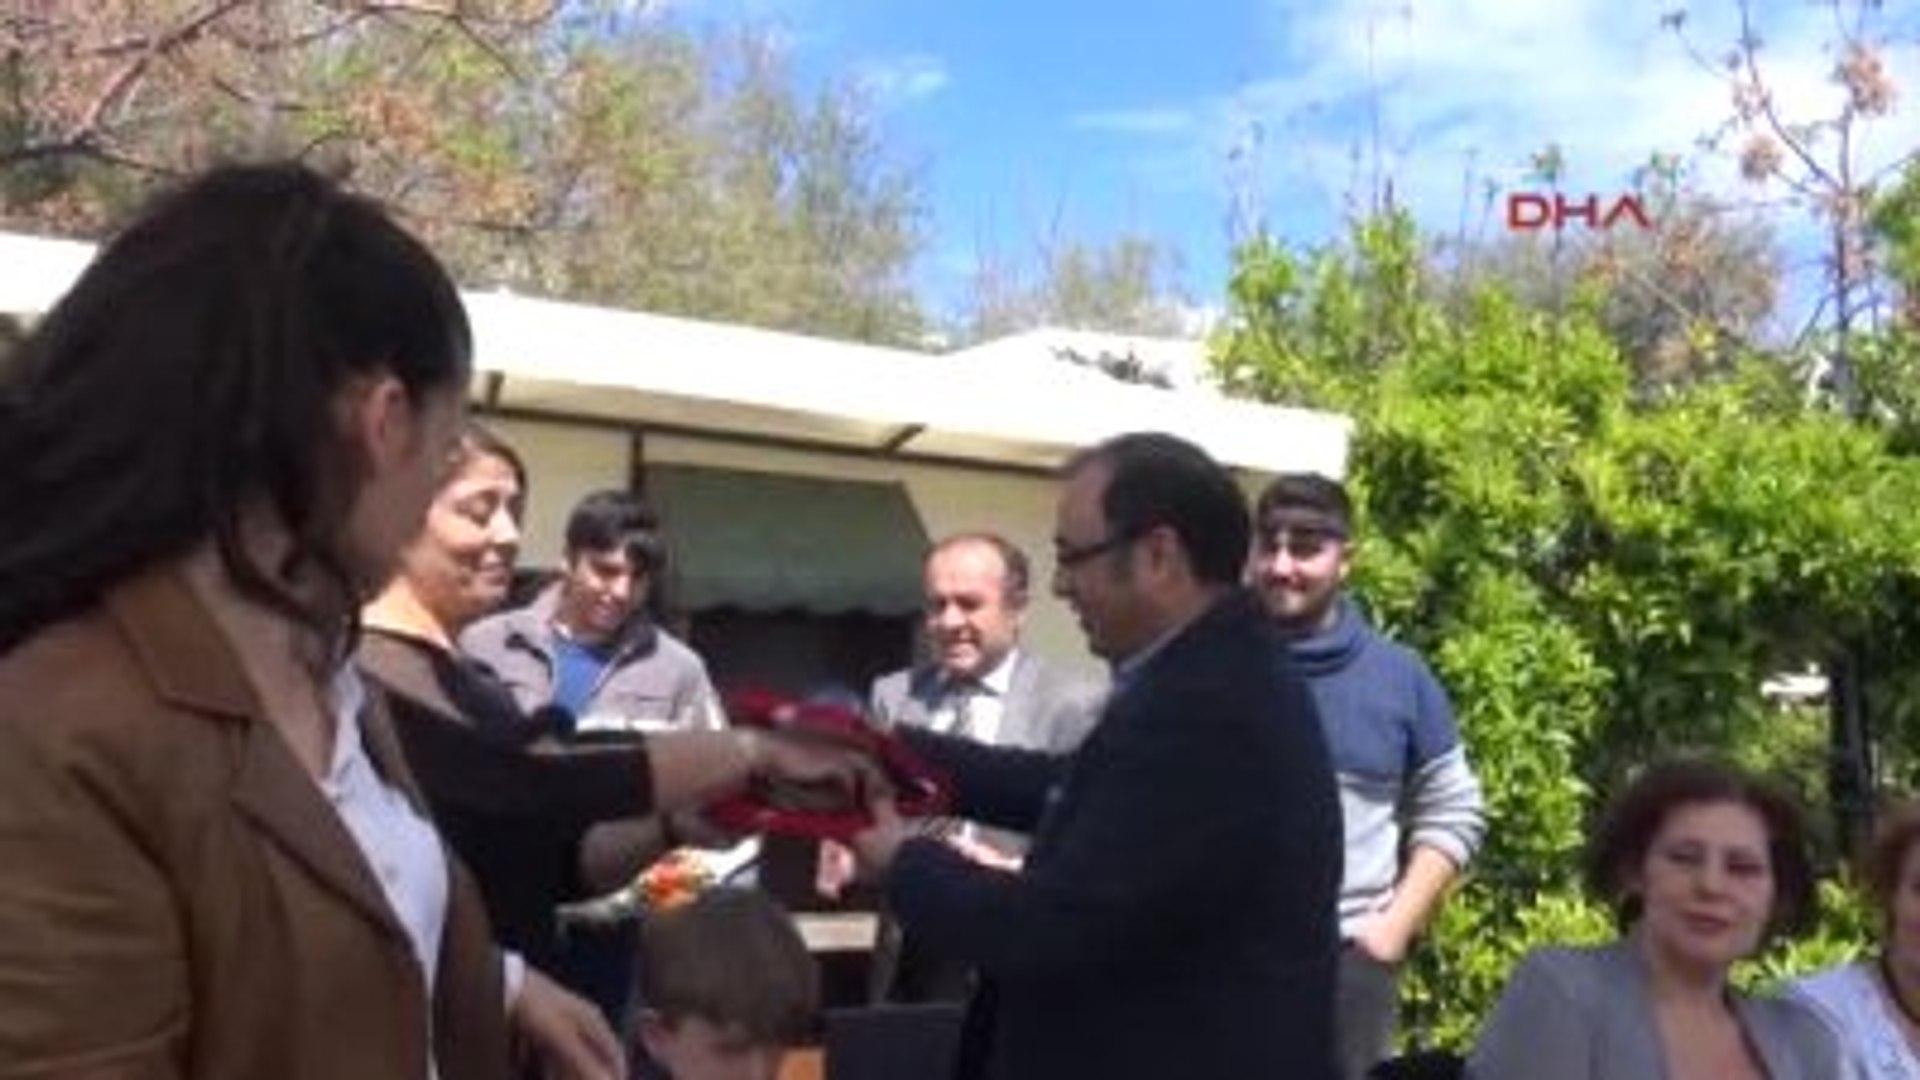 Antalya 1 Yılda 84 Kilo Verip 84 Kiloya Düştü